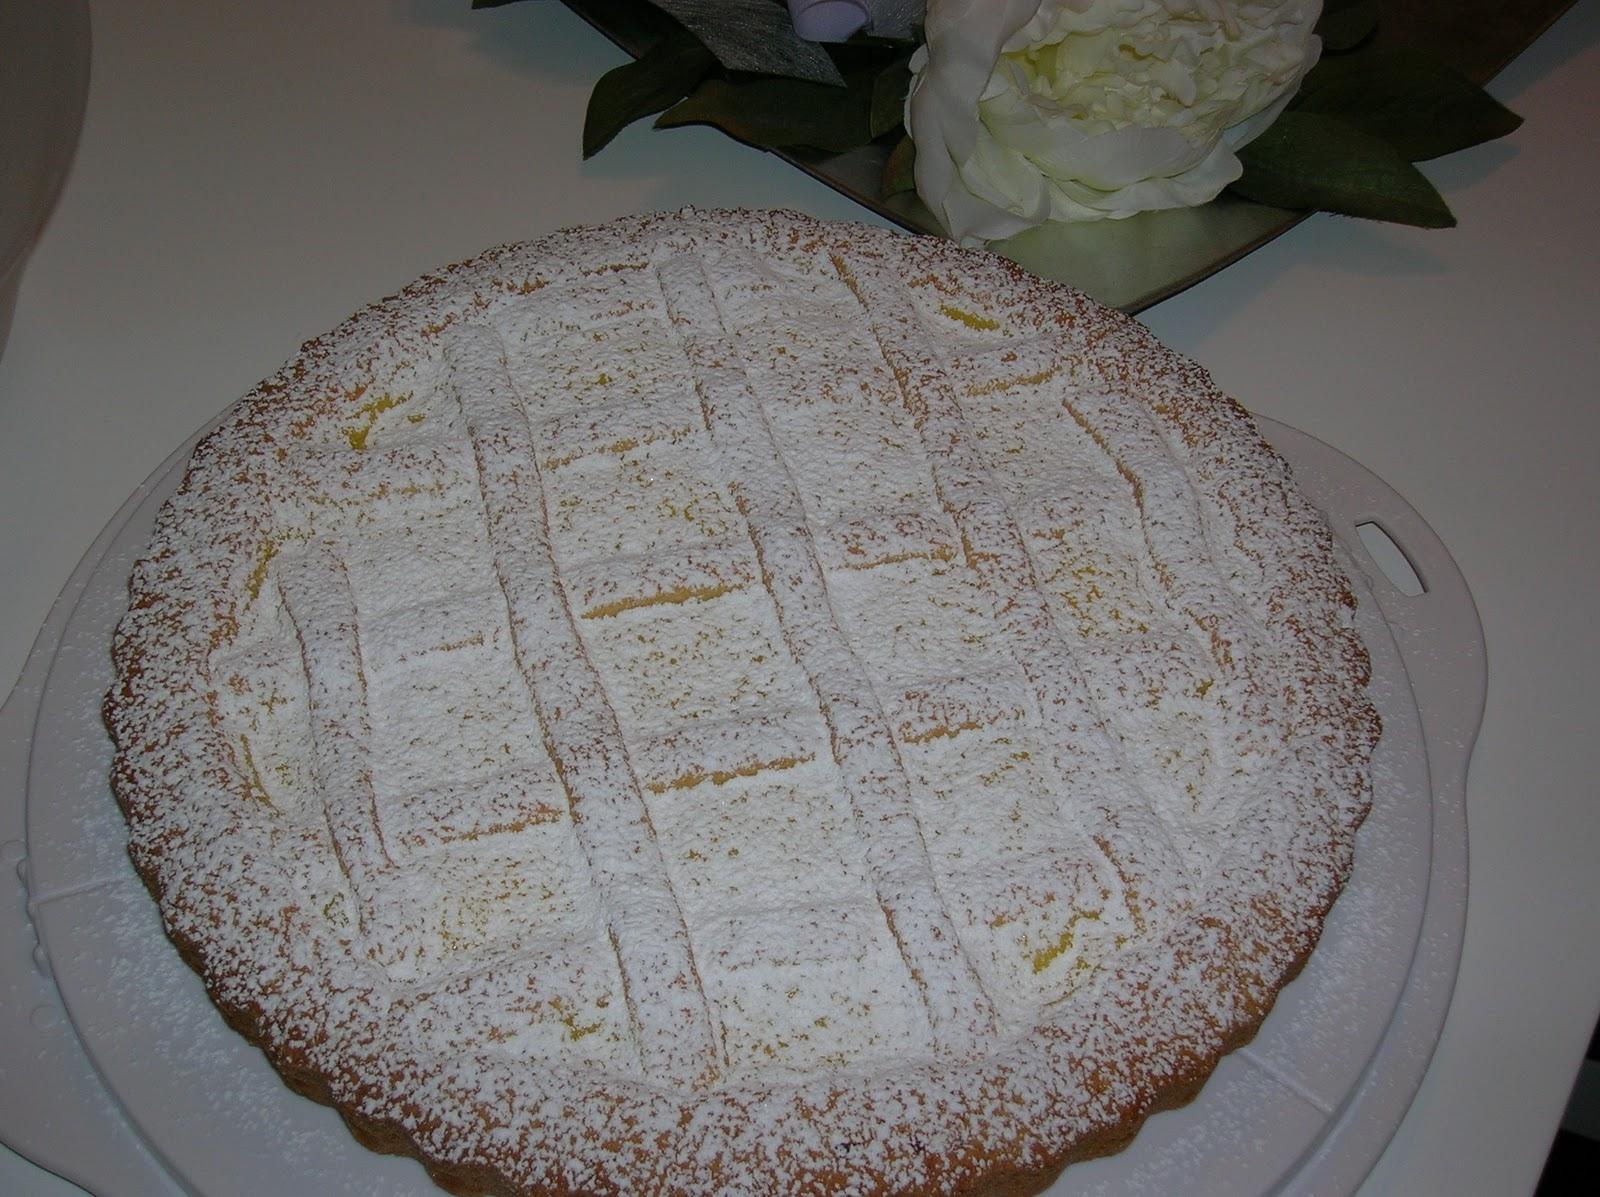 La cucina di alice crostata alla crema - La cucina di alice ...